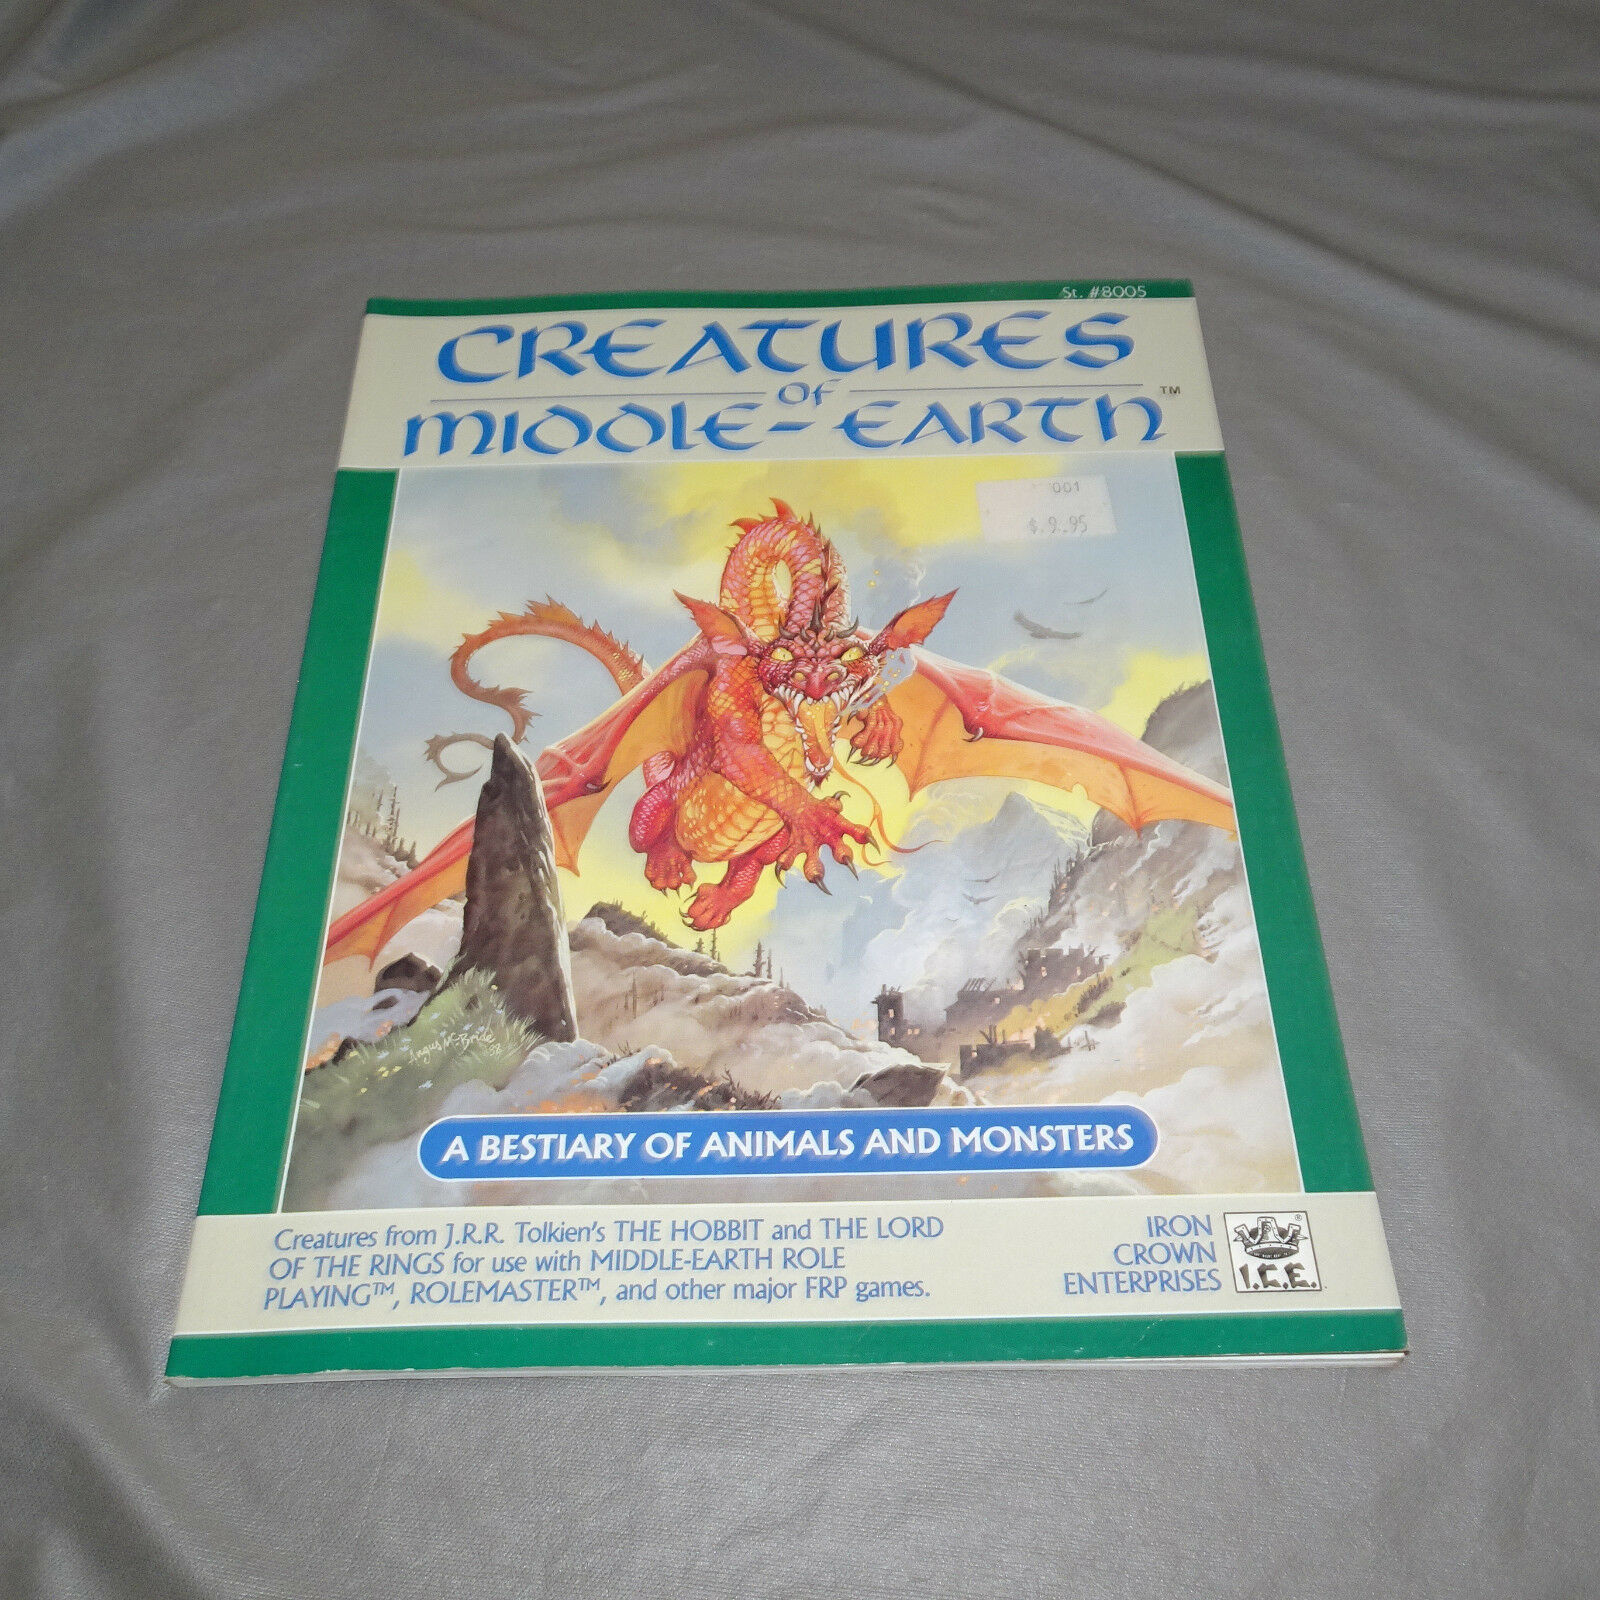 disfrutando de sus compras Criaturas de la tierra media un Besteiario Besteiario Besteiario de animales y monstruos 8005 I.C.E. - 1988  ventas de salida